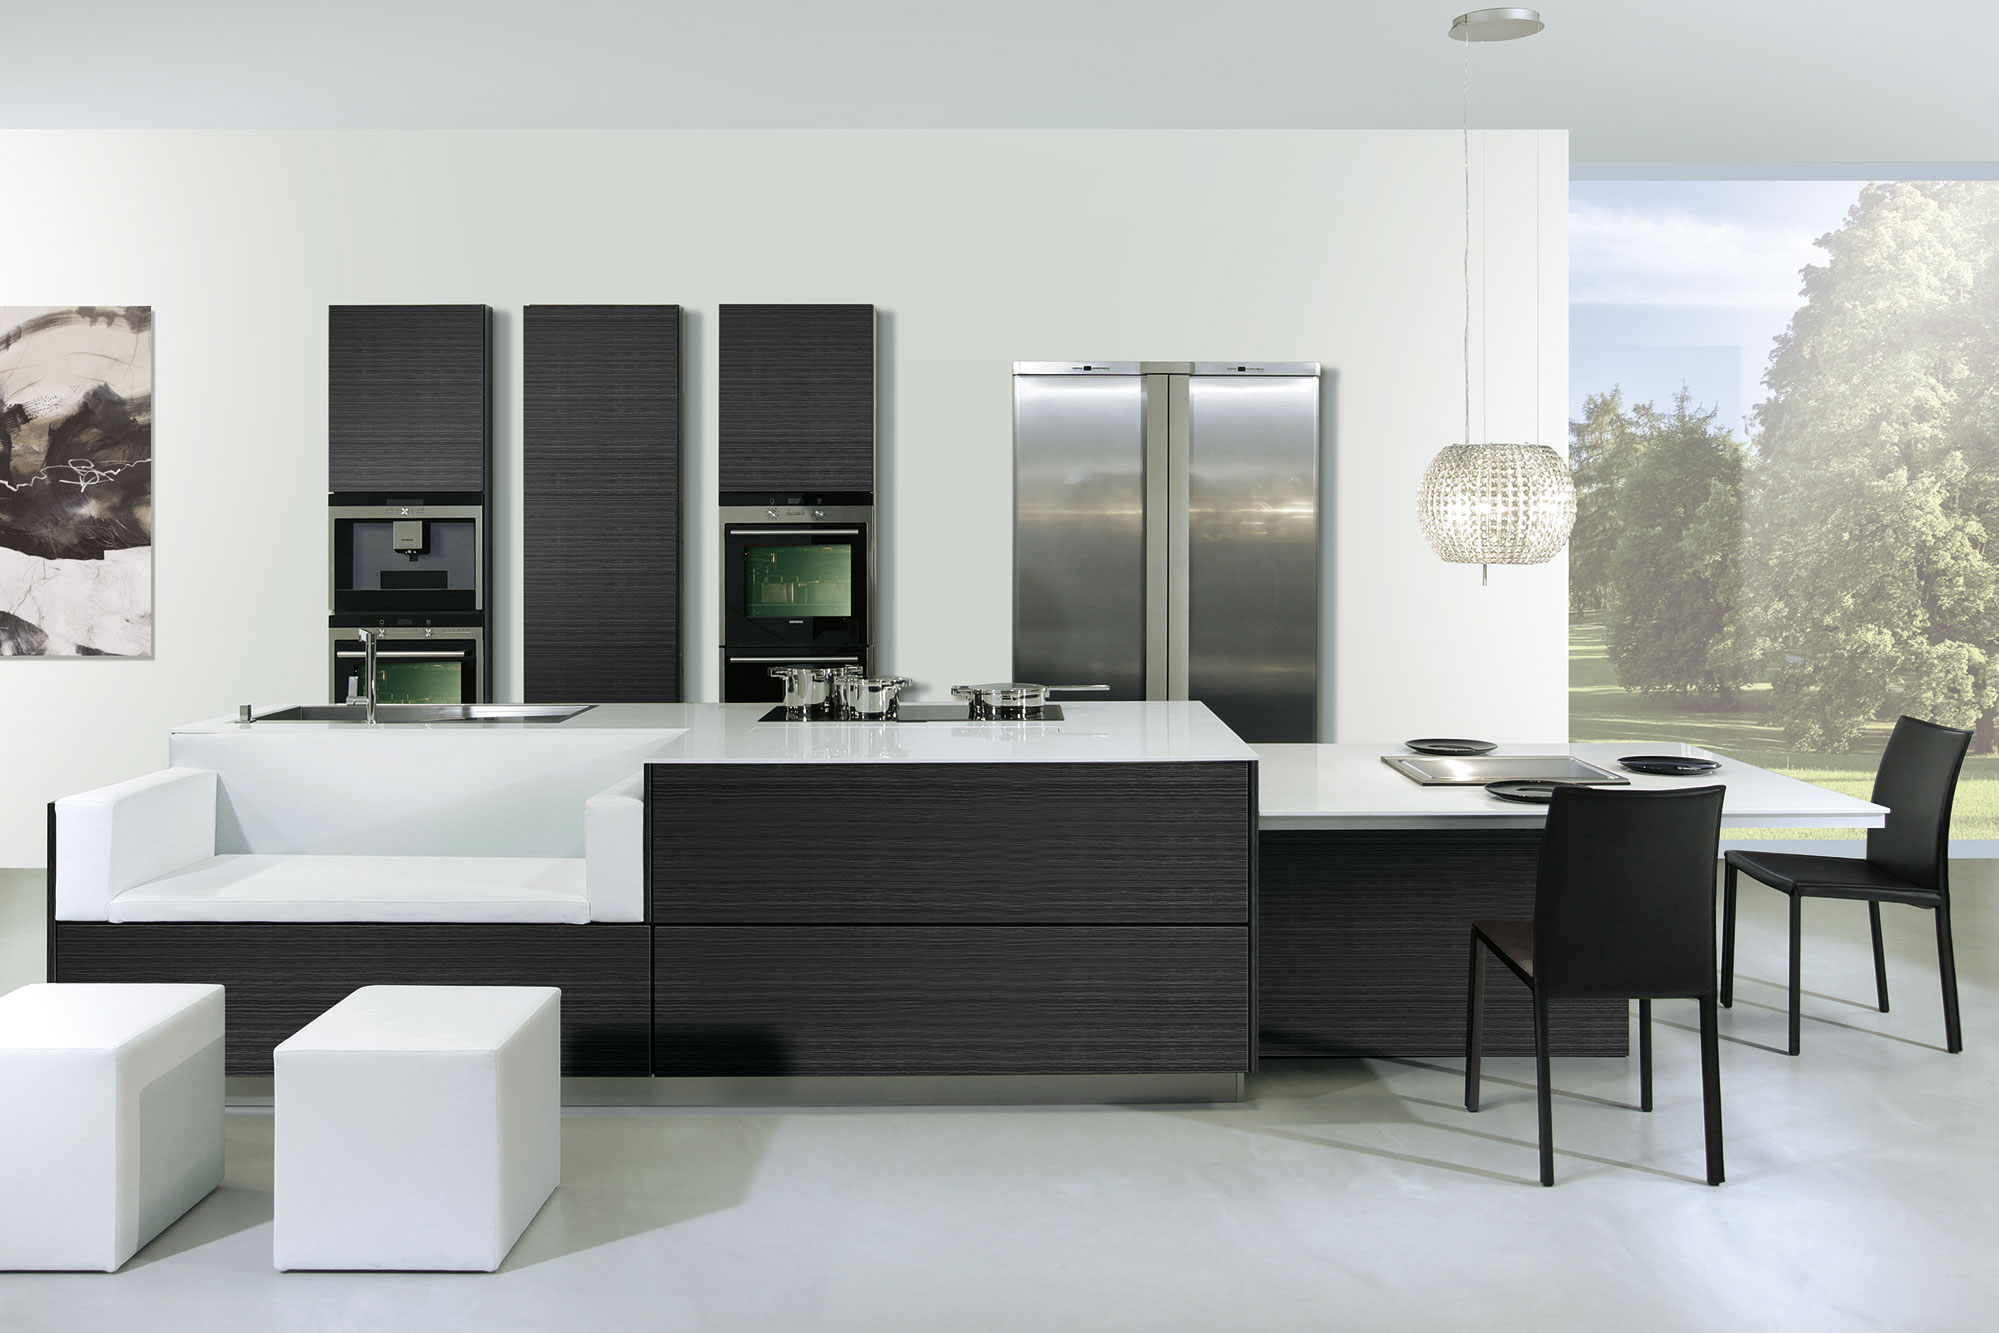 wohnk chen einbauk chen in deutschland geplant und produziert. Black Bedroom Furniture Sets. Home Design Ideas